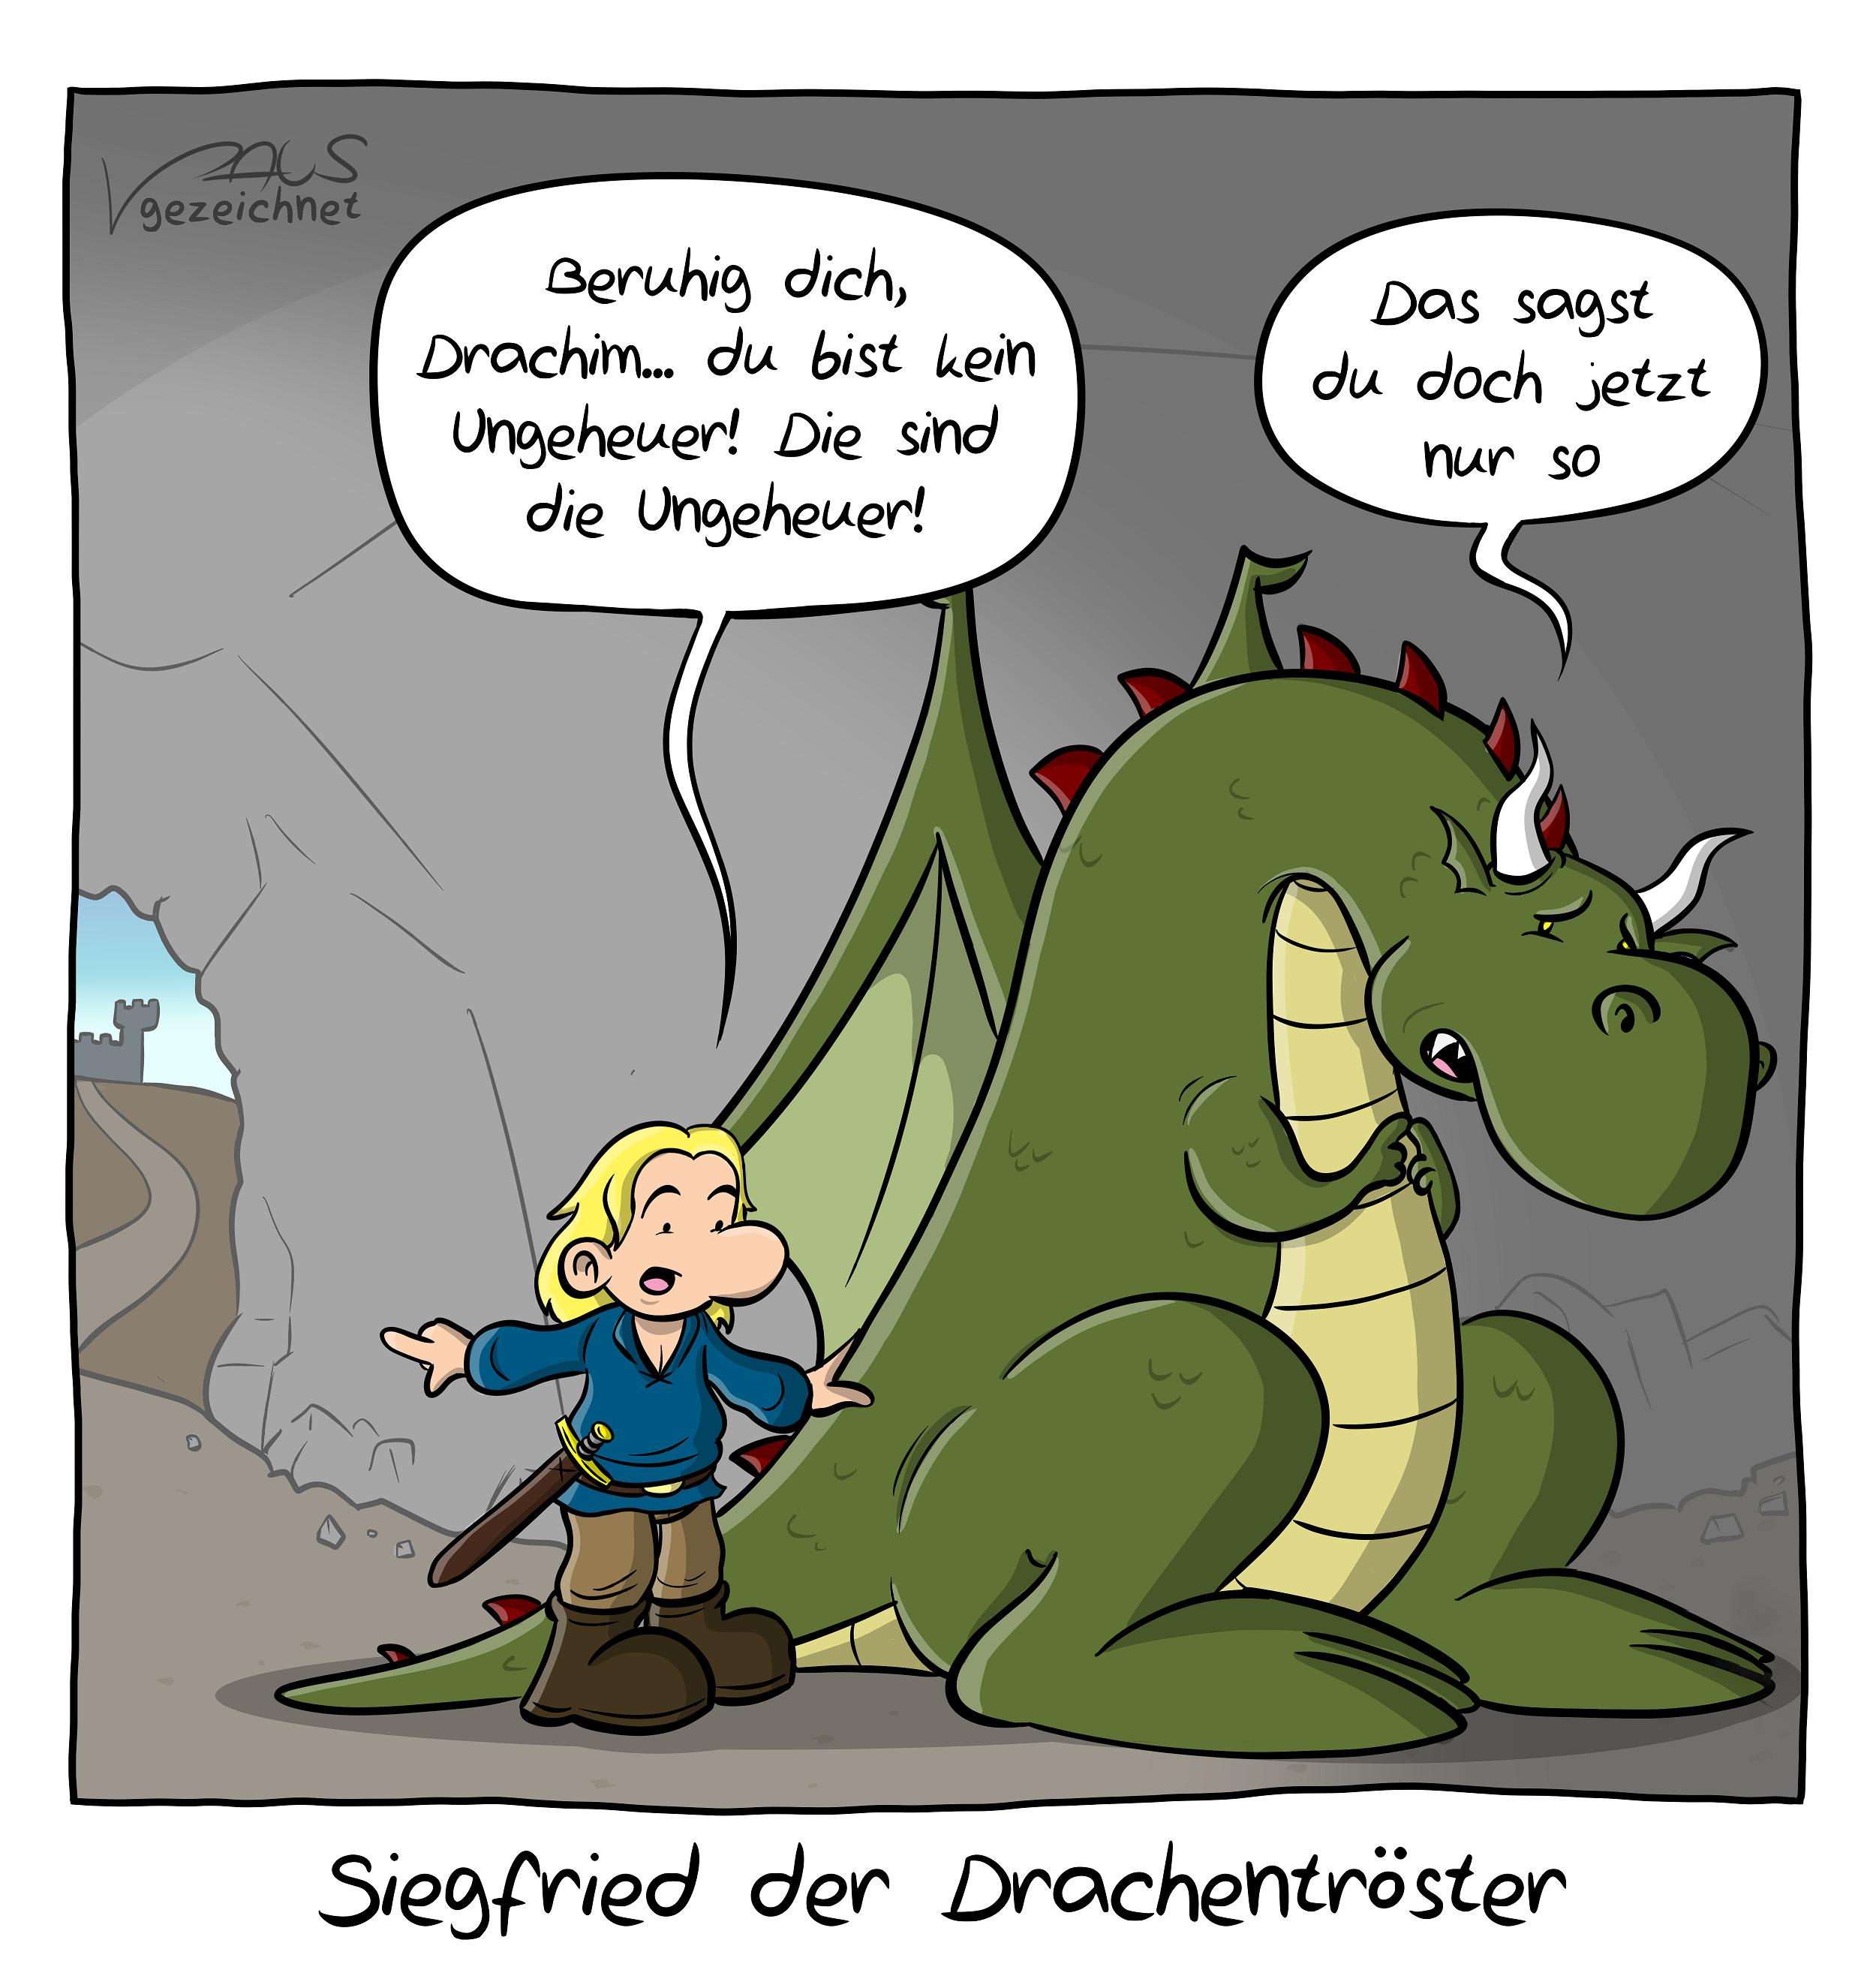 Drachentröster